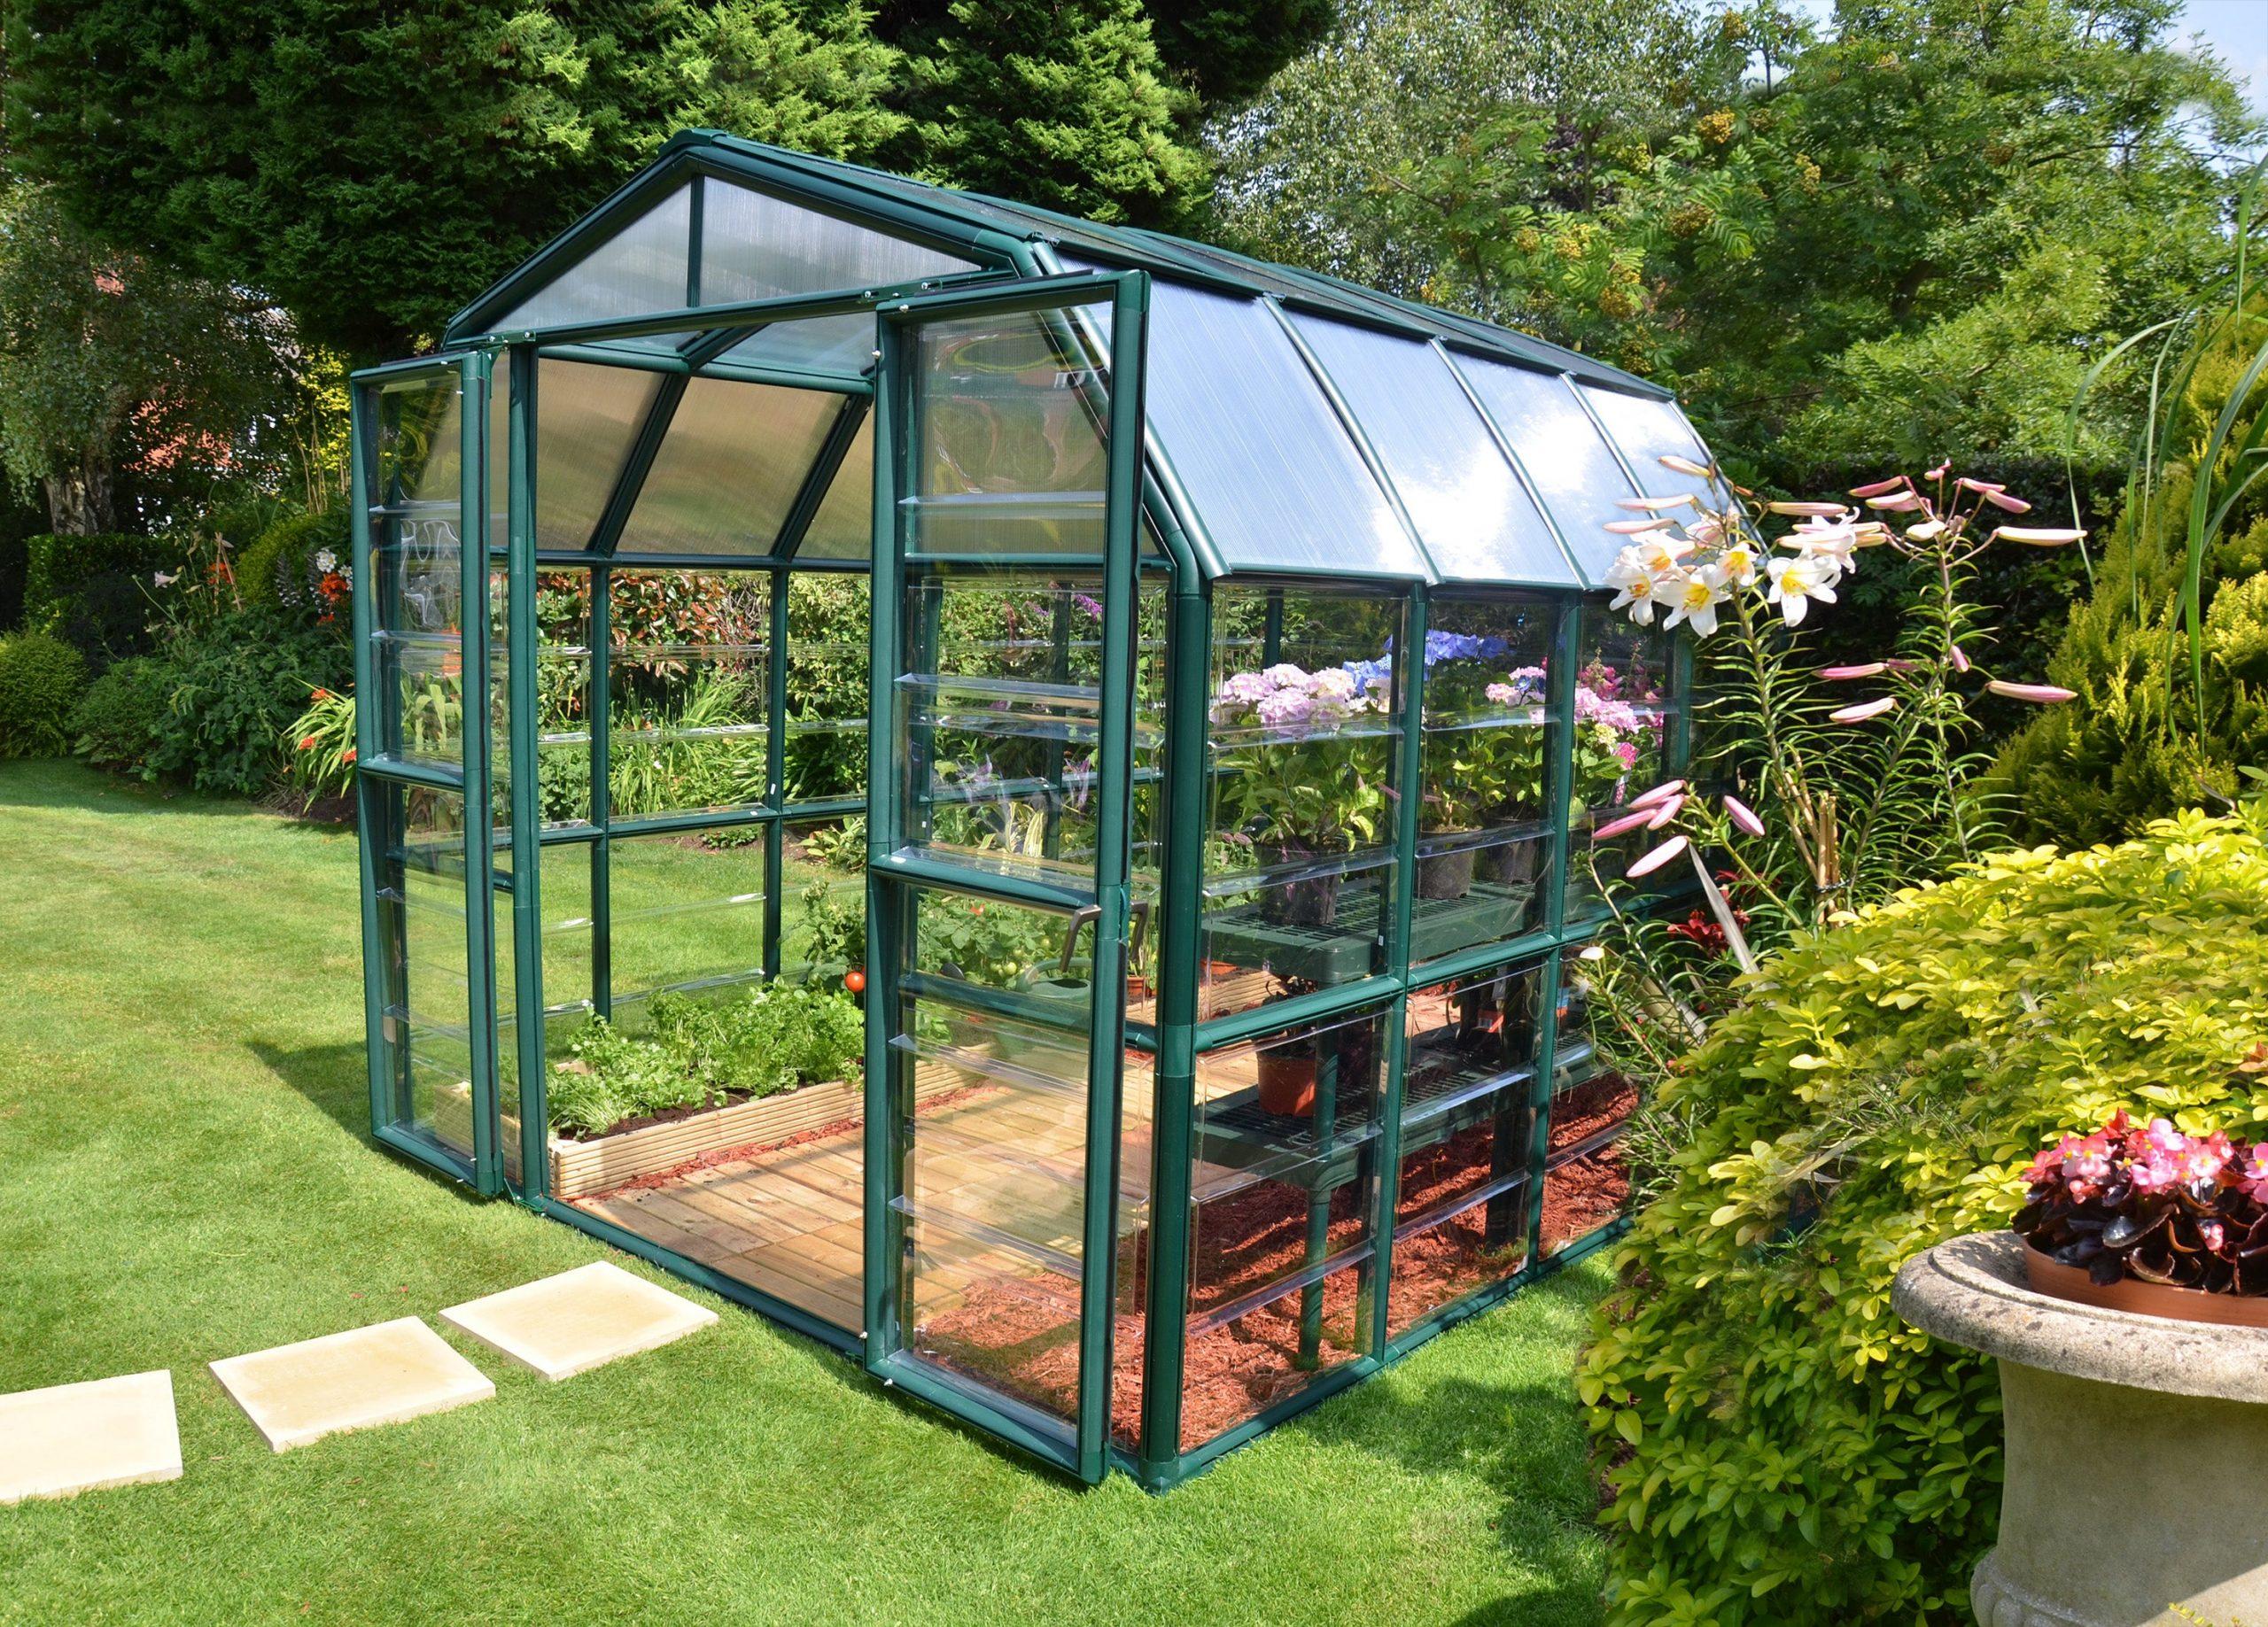 Serre De Jardin Grand Gardener 6.8 M², Aluminium Et Polycarbonate, Palram encequiconcerne Serre De Jardin Leroy Merlin